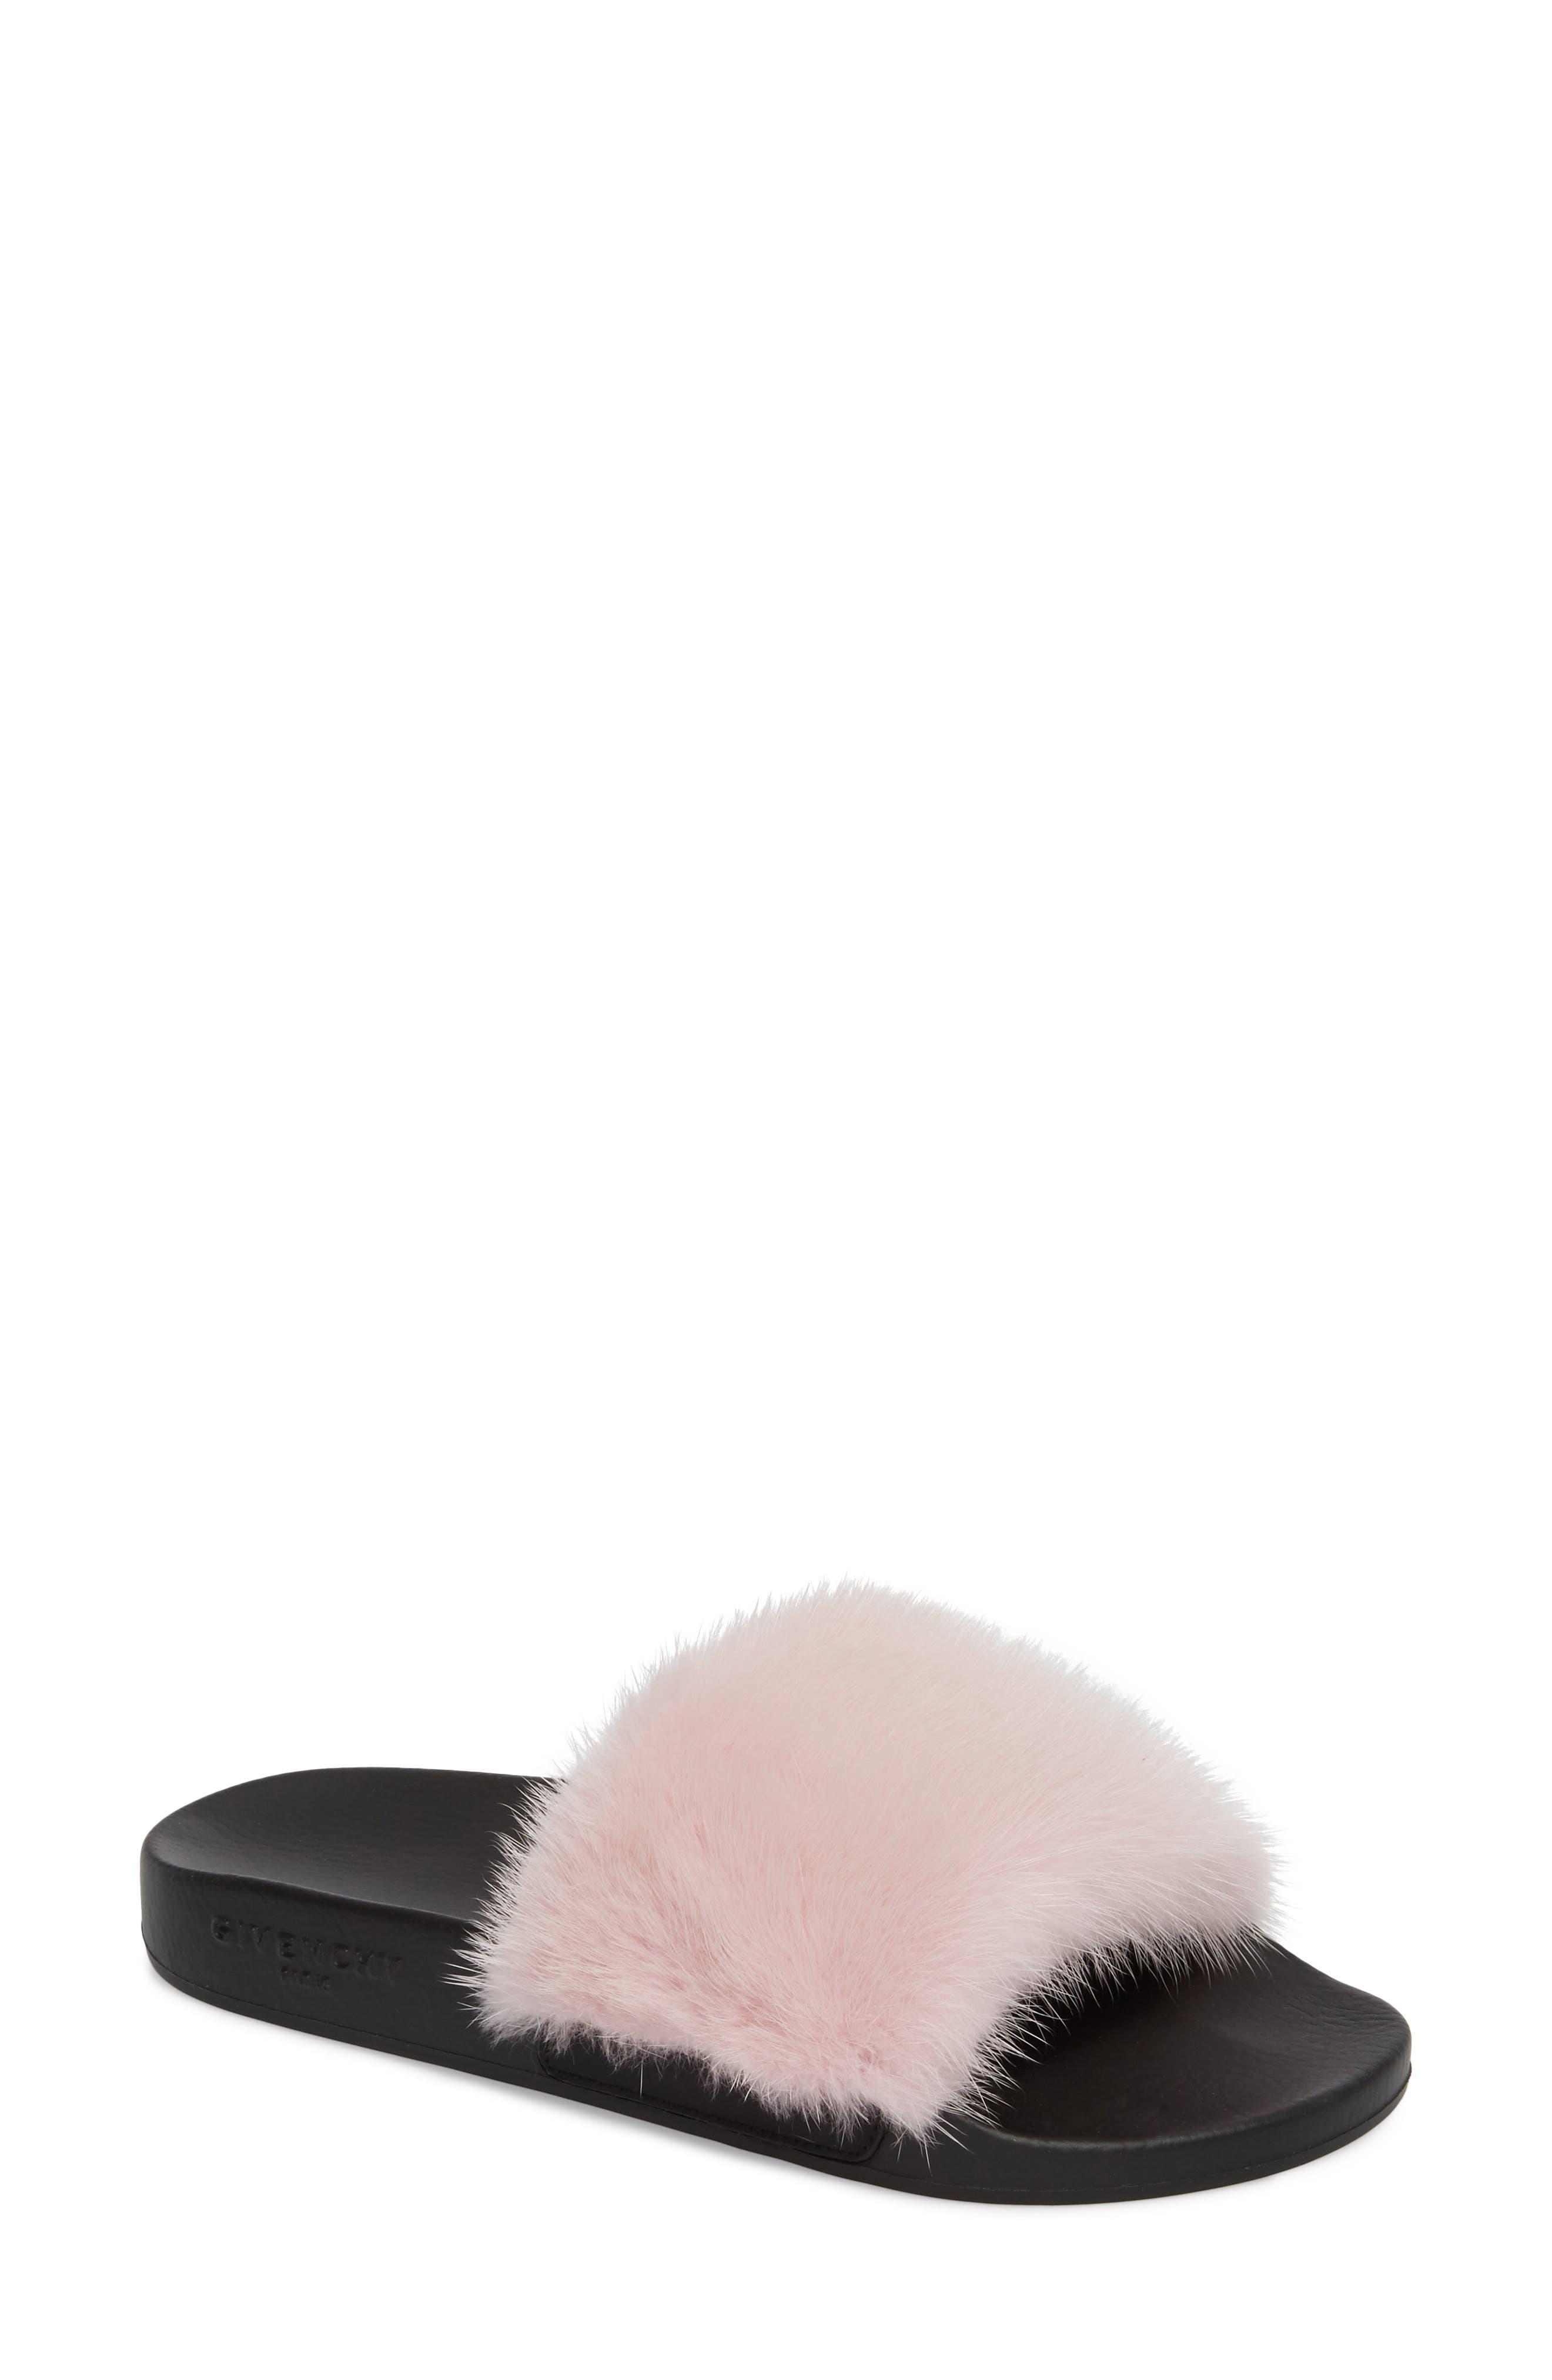 Main Image - Givenchy Genuine Mink Fur Slide Sandal (Women)